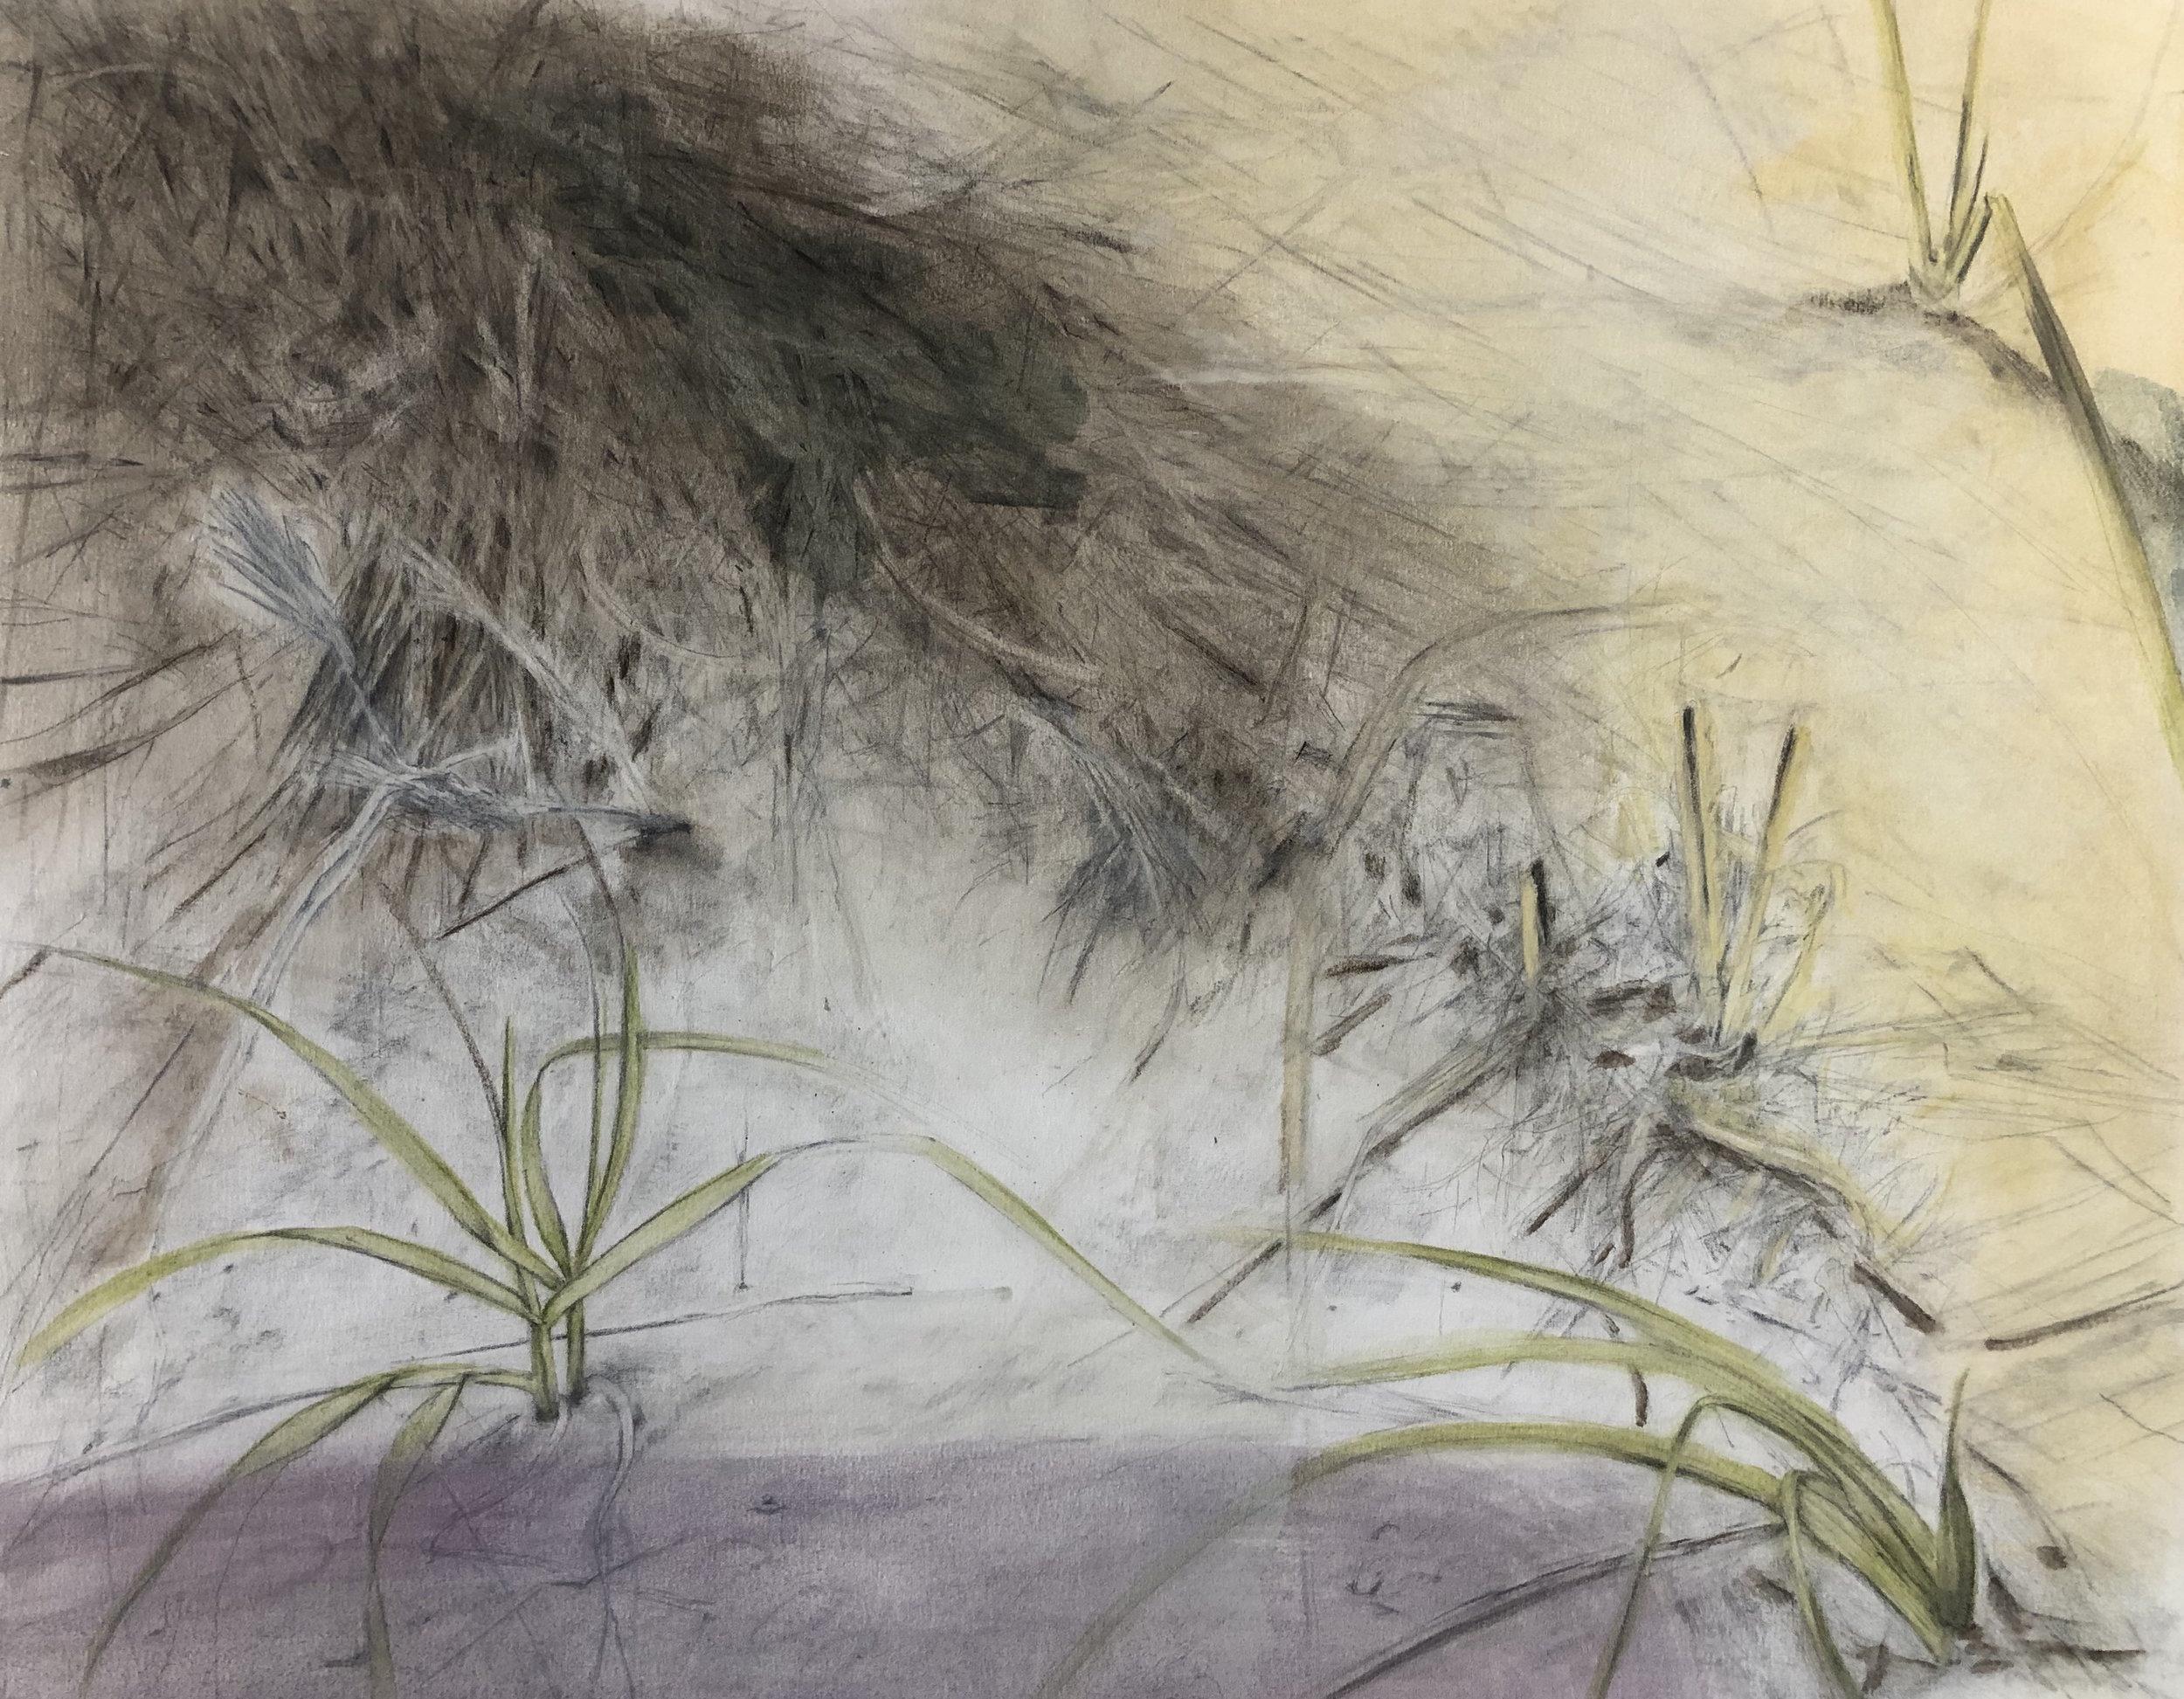 Dunes Rendering, Painting, 2015